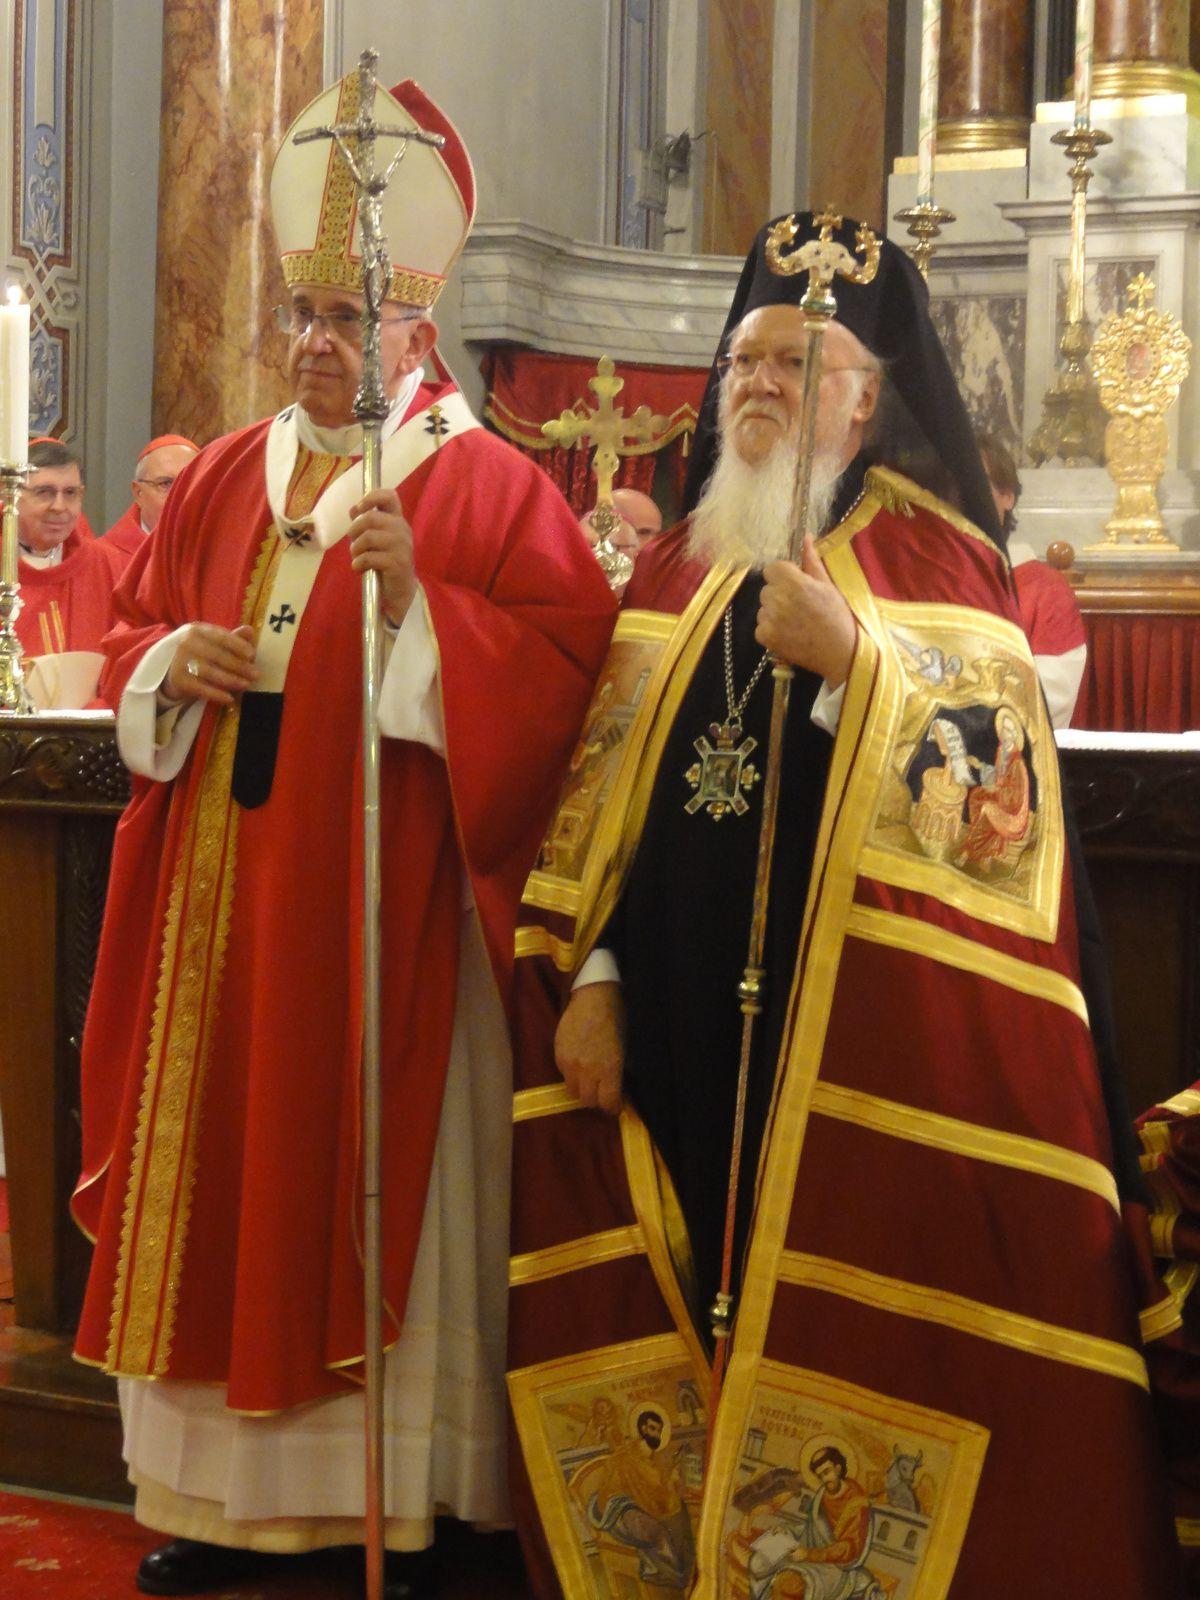 Le Pape François en Turquie... se fait proche de ceux qui souffrent et vient embrasser son frère Bartholomeos...